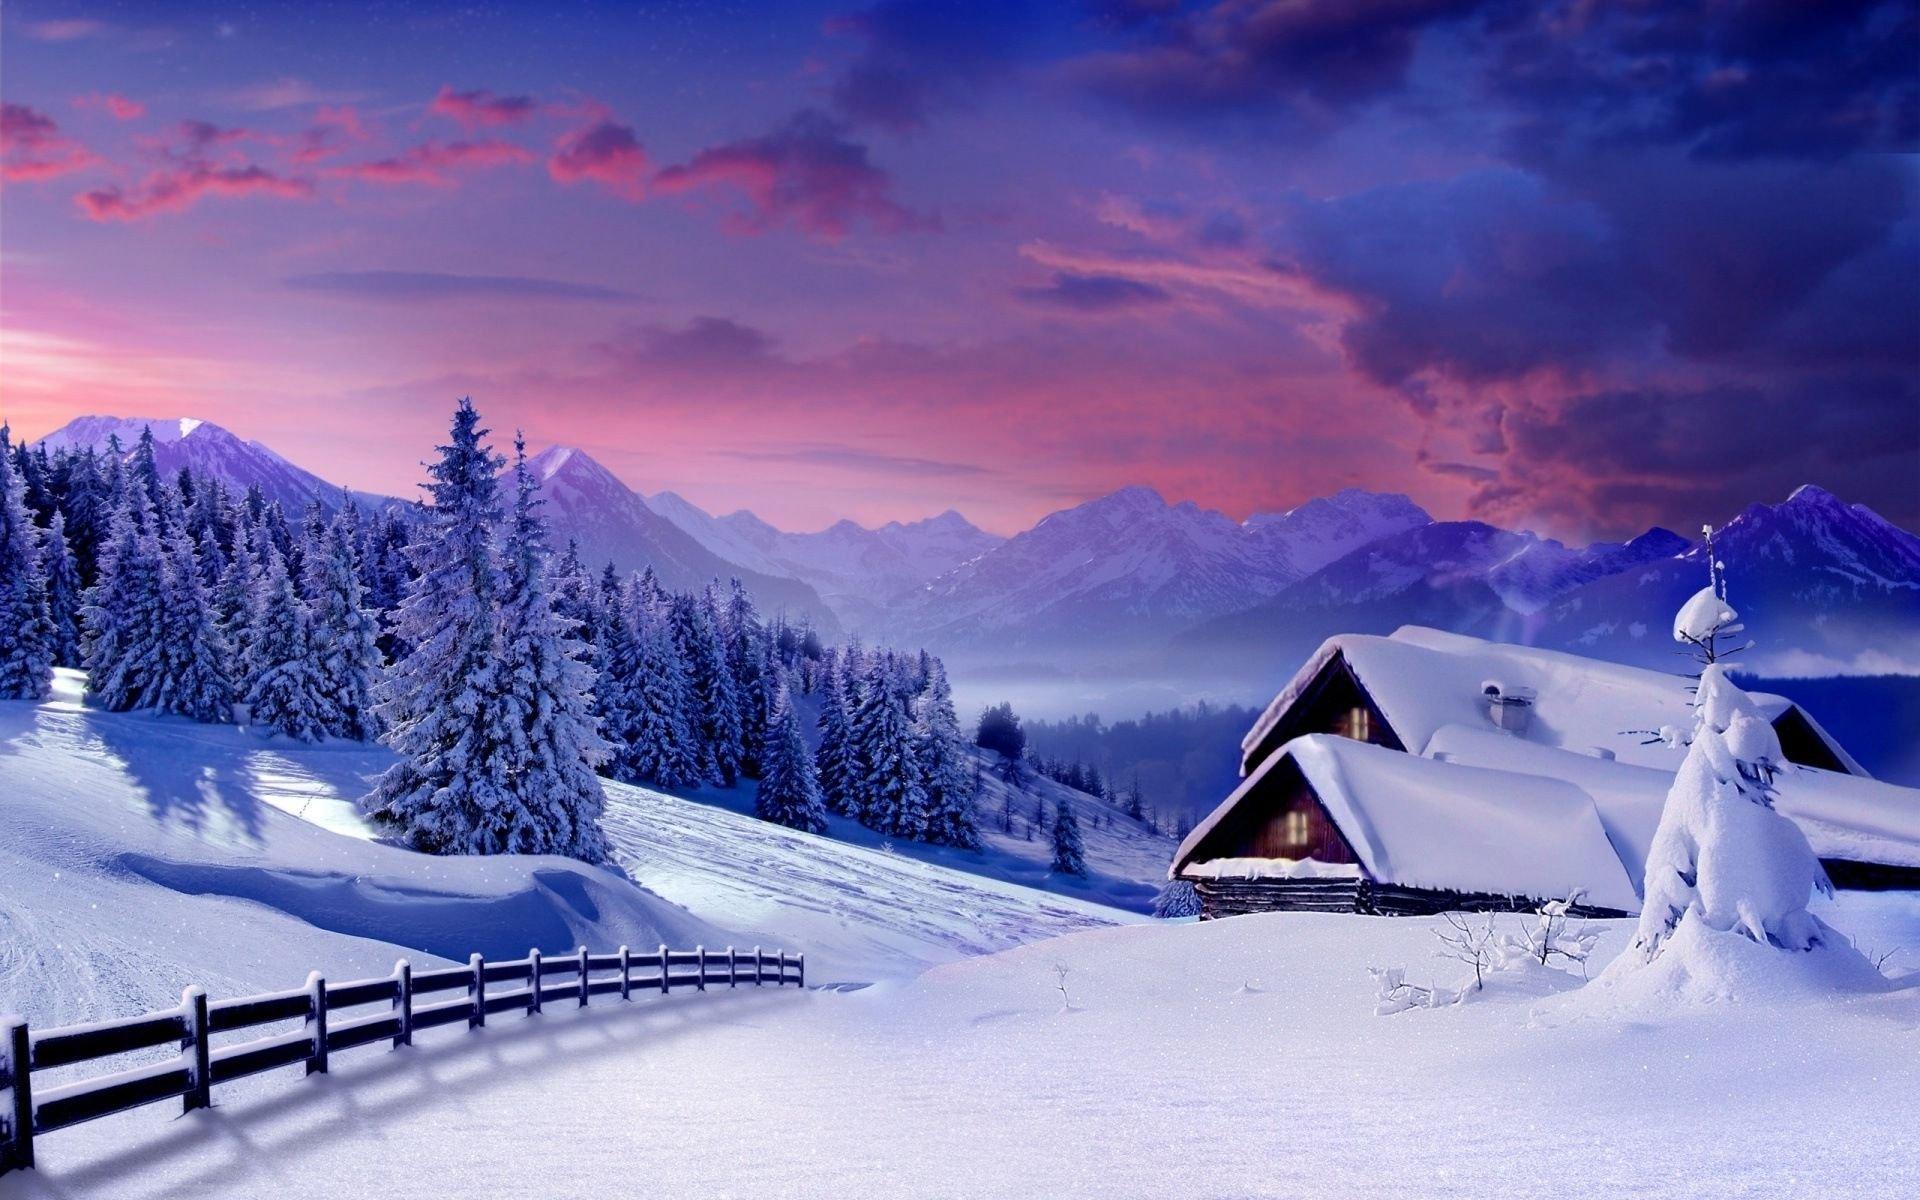 пейзажи фото зимние